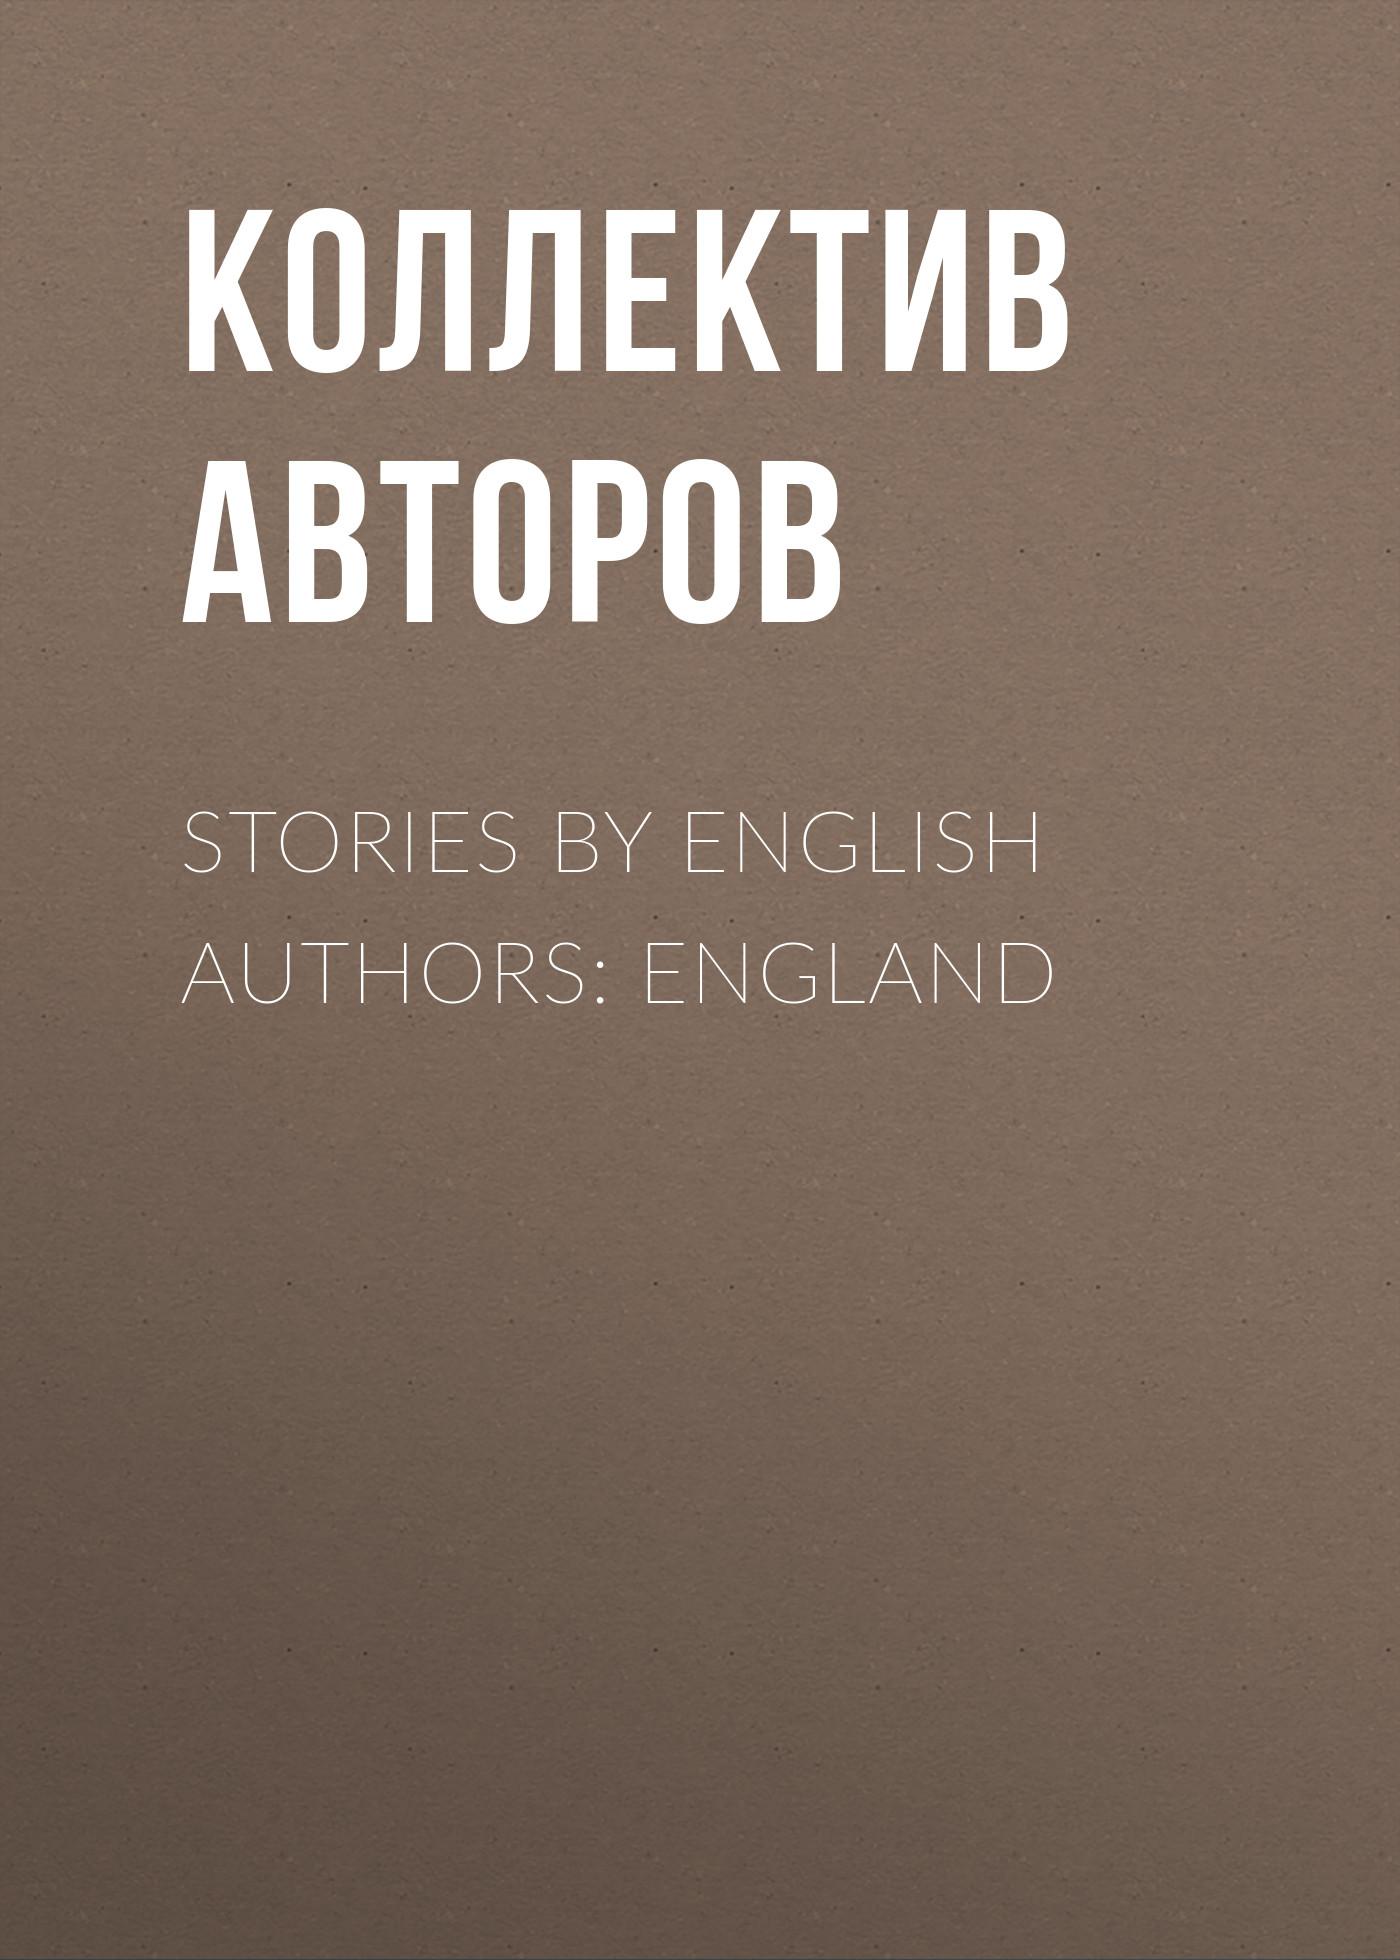 Коллектив авторов Stories by English Authors: England коллектив авторов english love stories